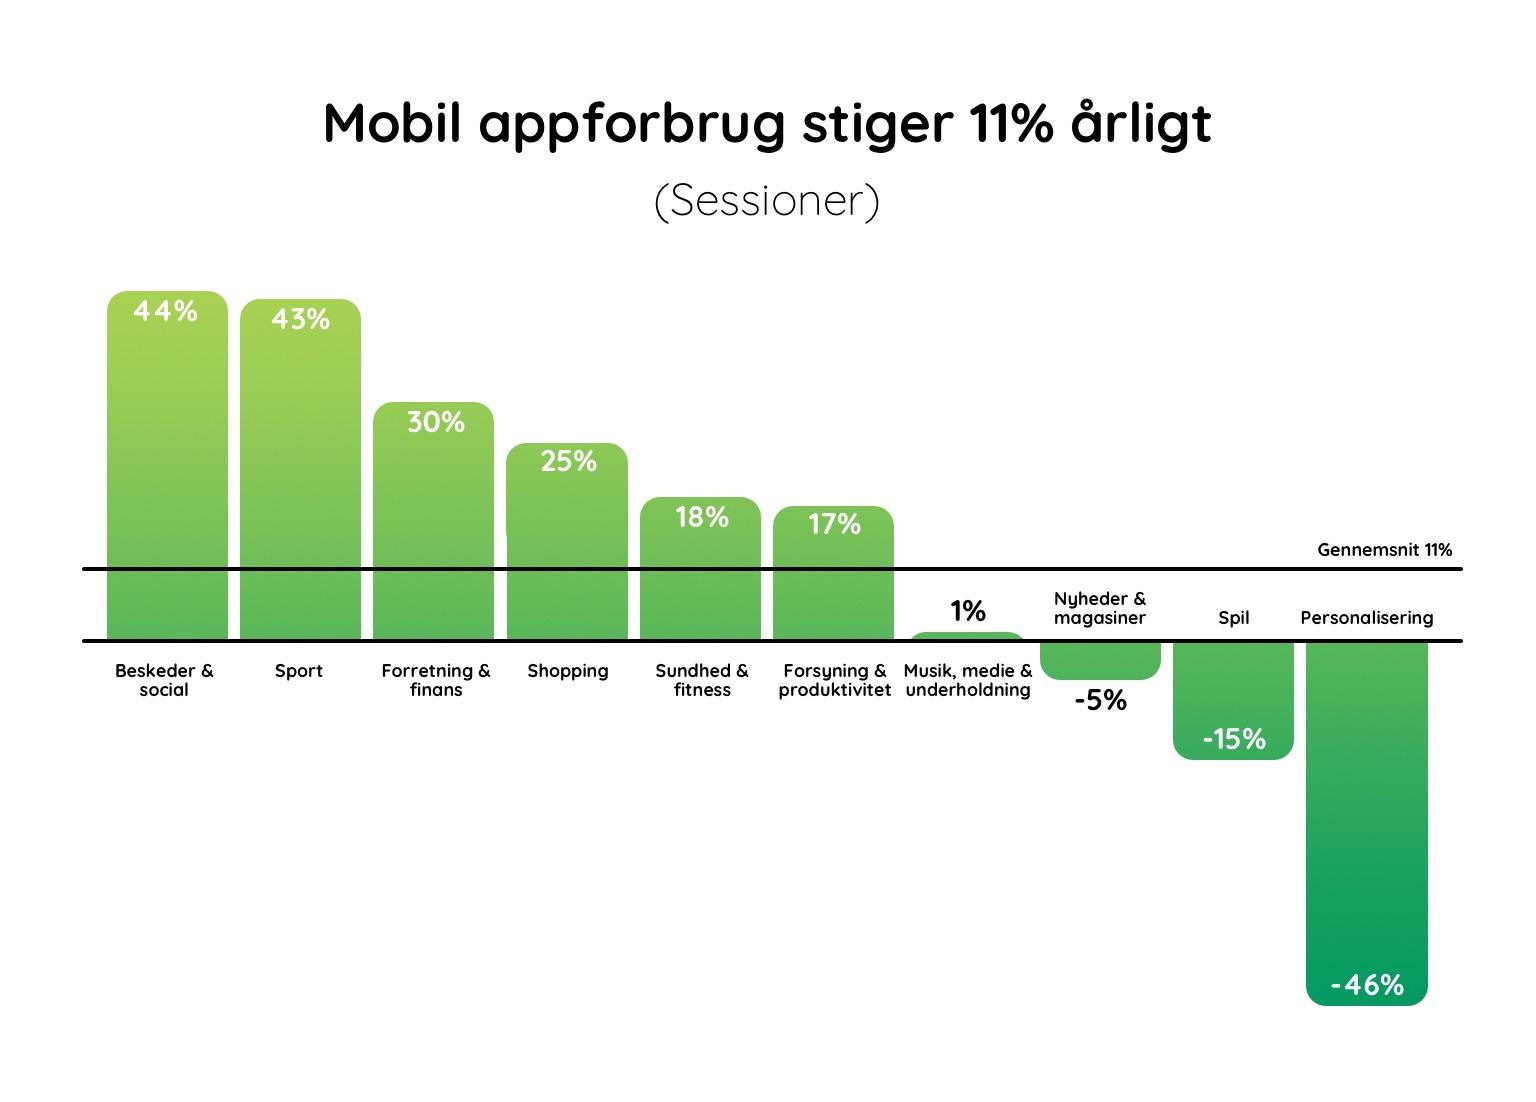 Det mobile appforbrug stiger 11% årligt